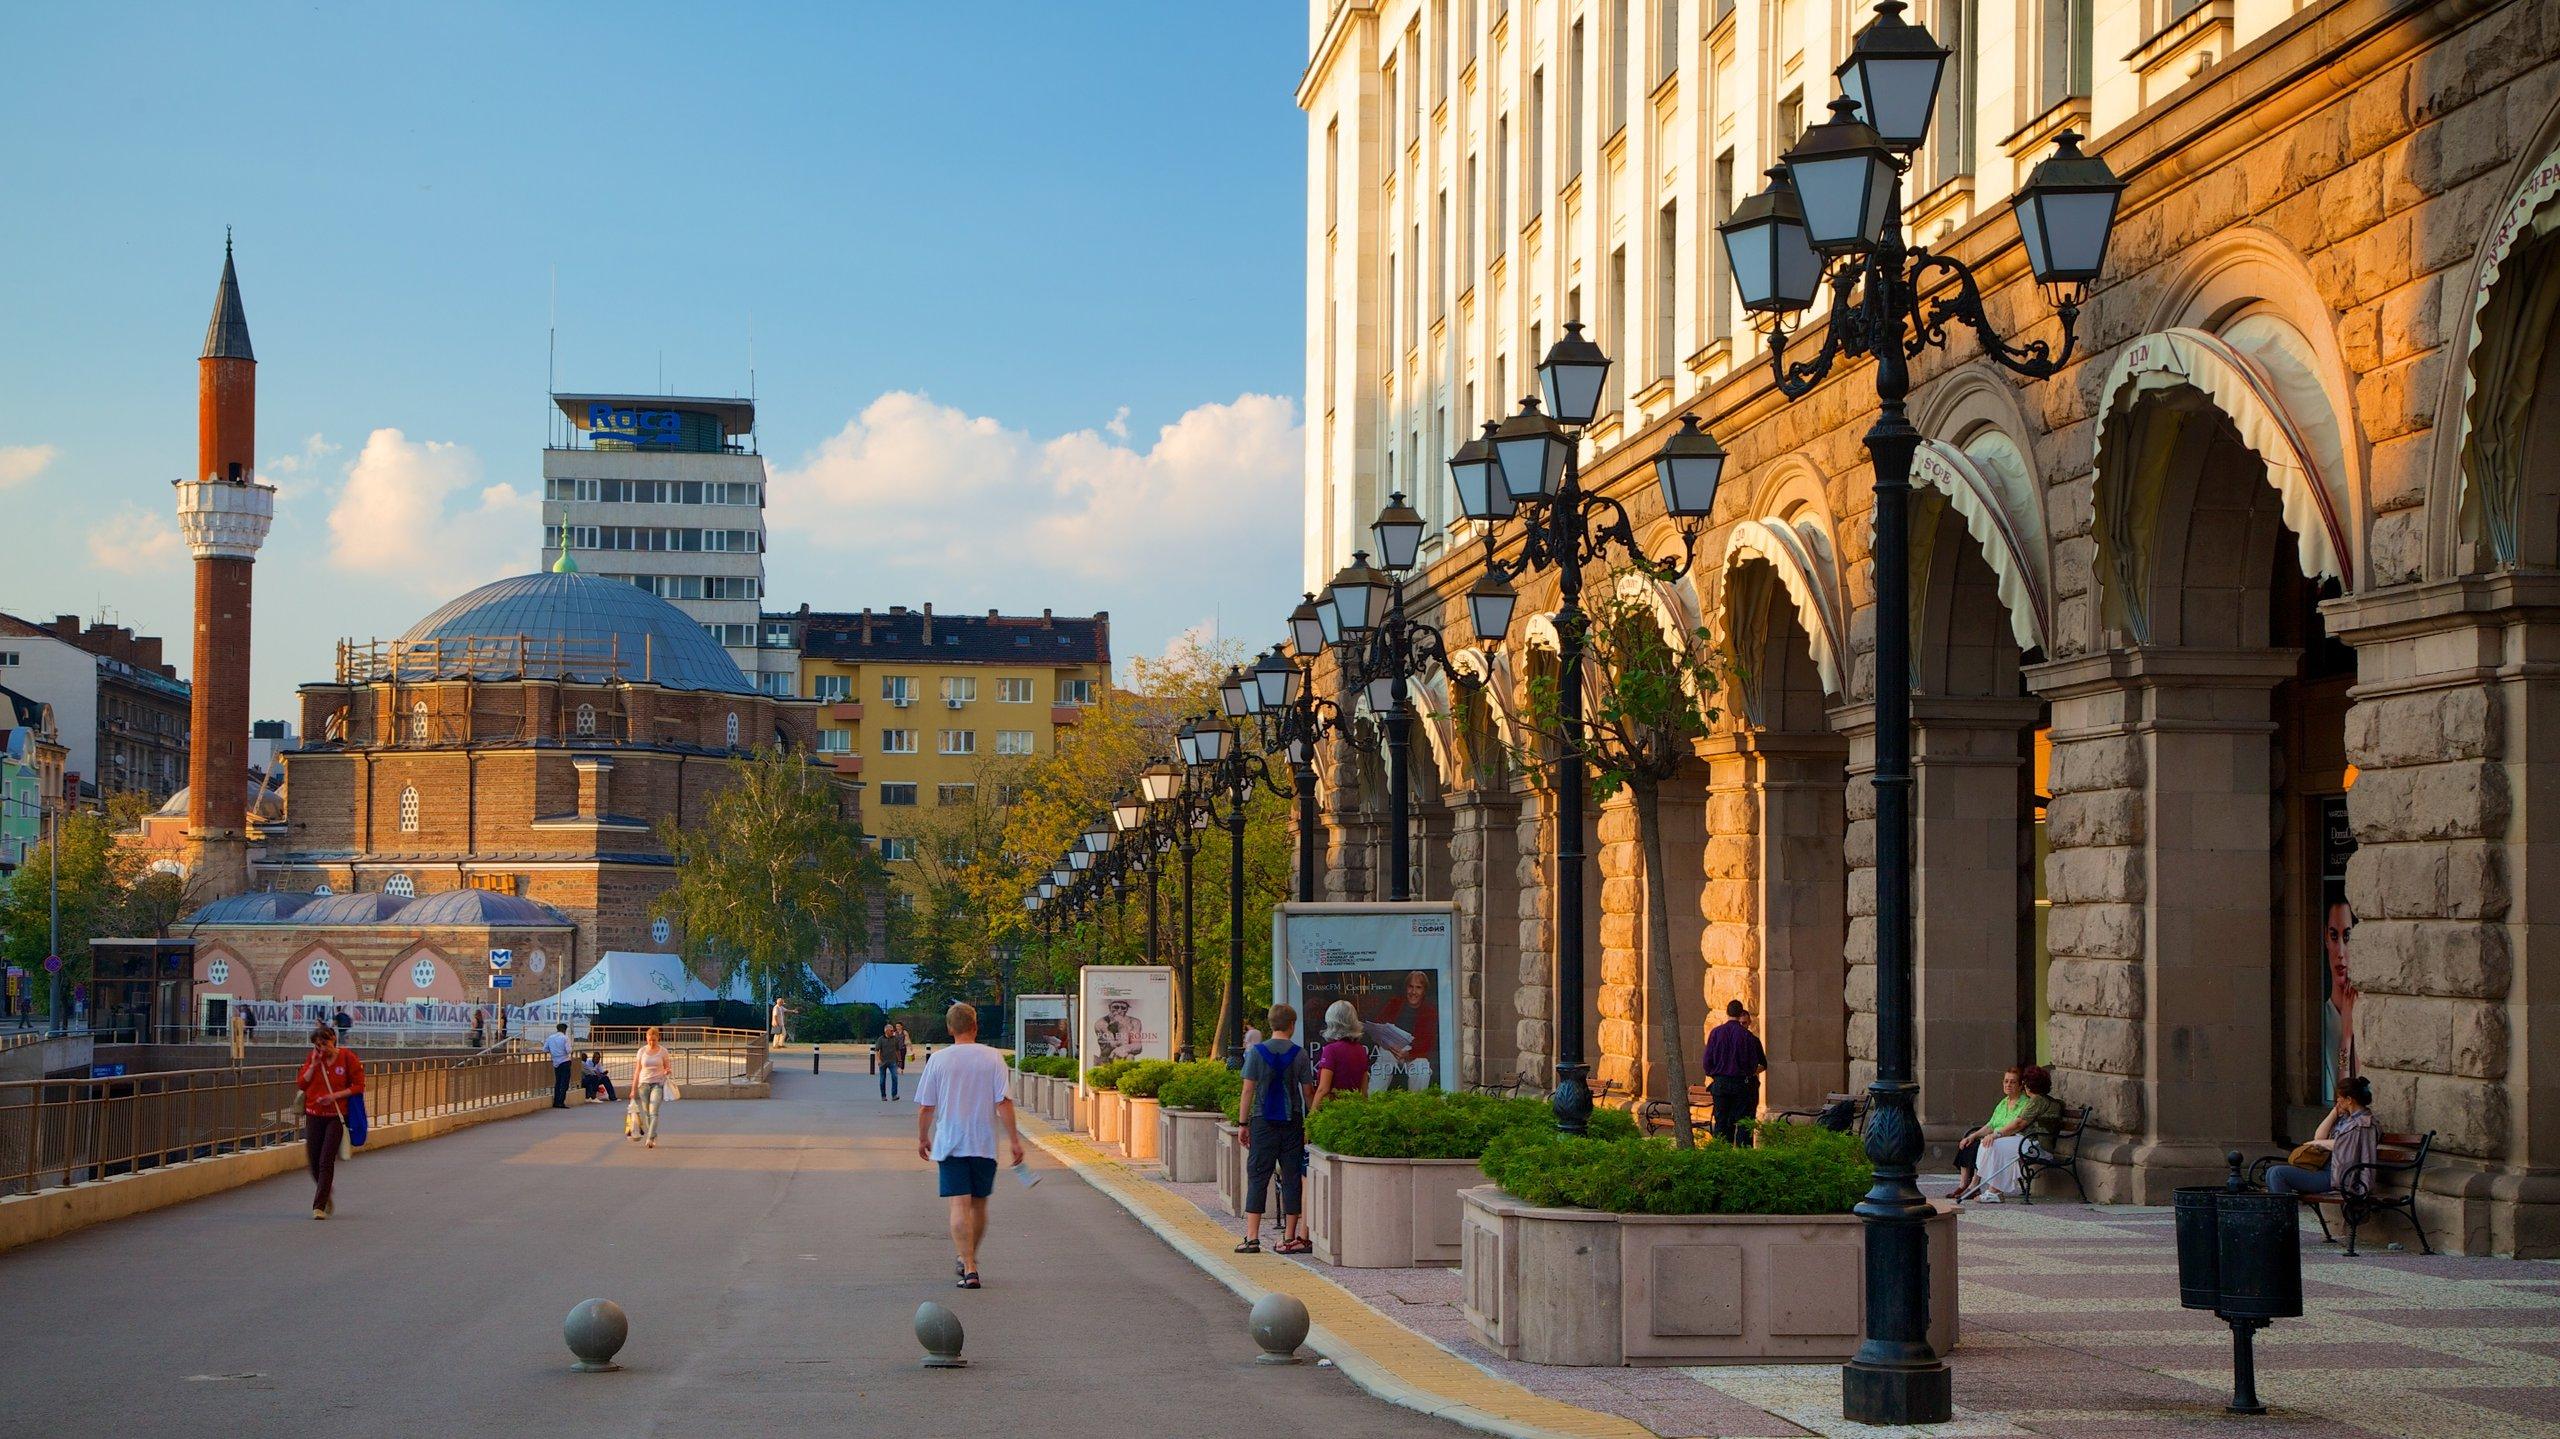 местность город софия болгария фото двутавровых балок для